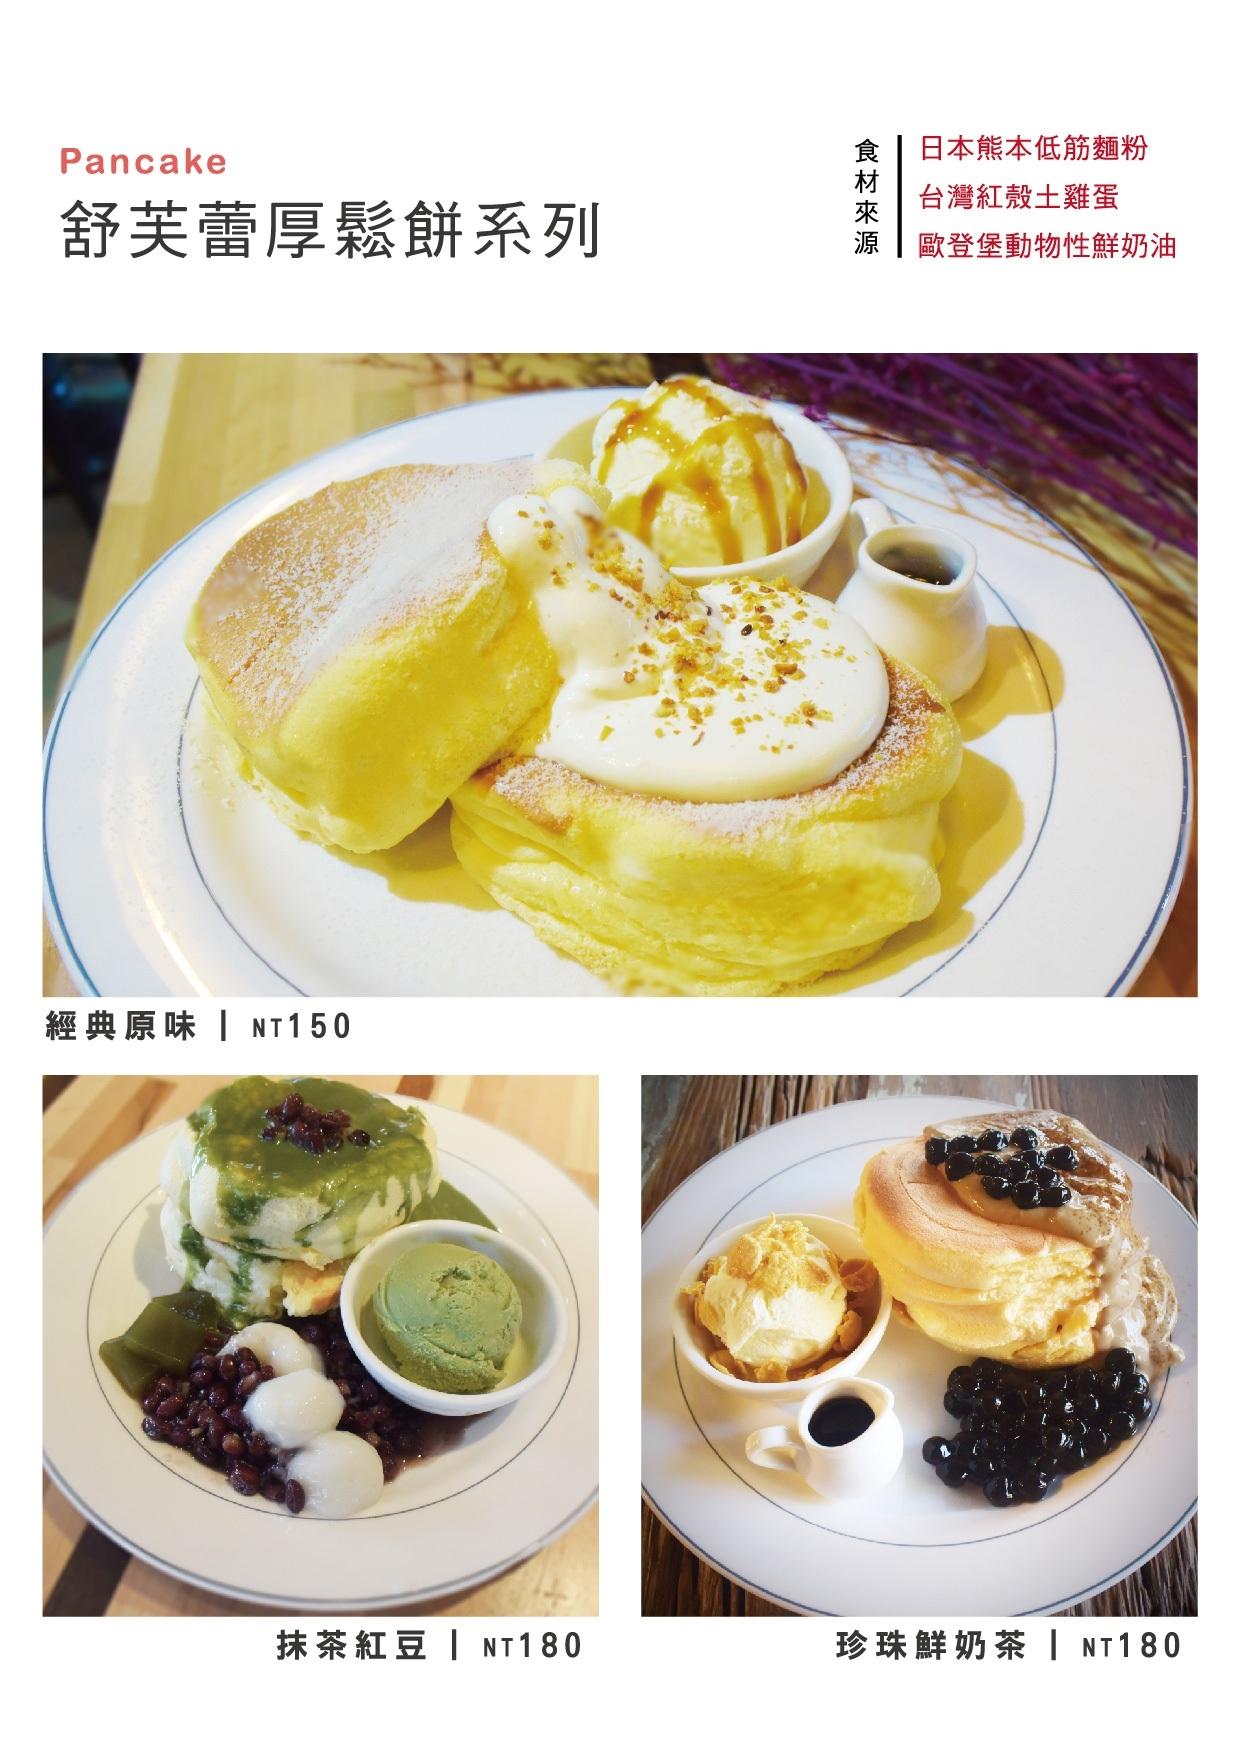 新南五五製冰所 菜單 台中大里冰店02